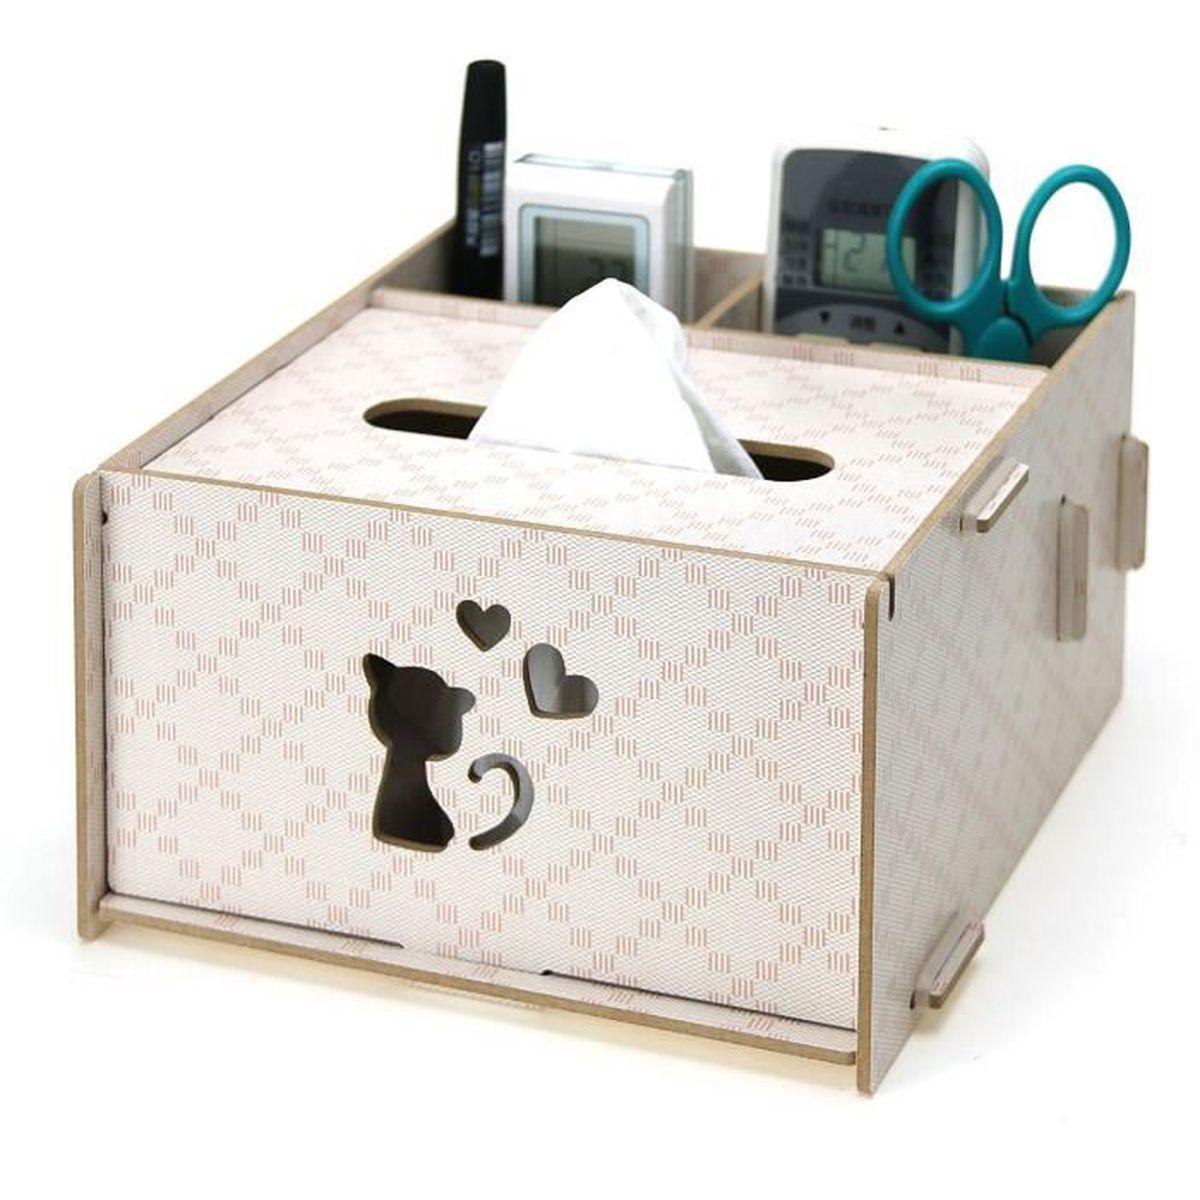 Bo te mouchoirs en bois distributeur de papier tissu bo for Boite a mouchoirs maison